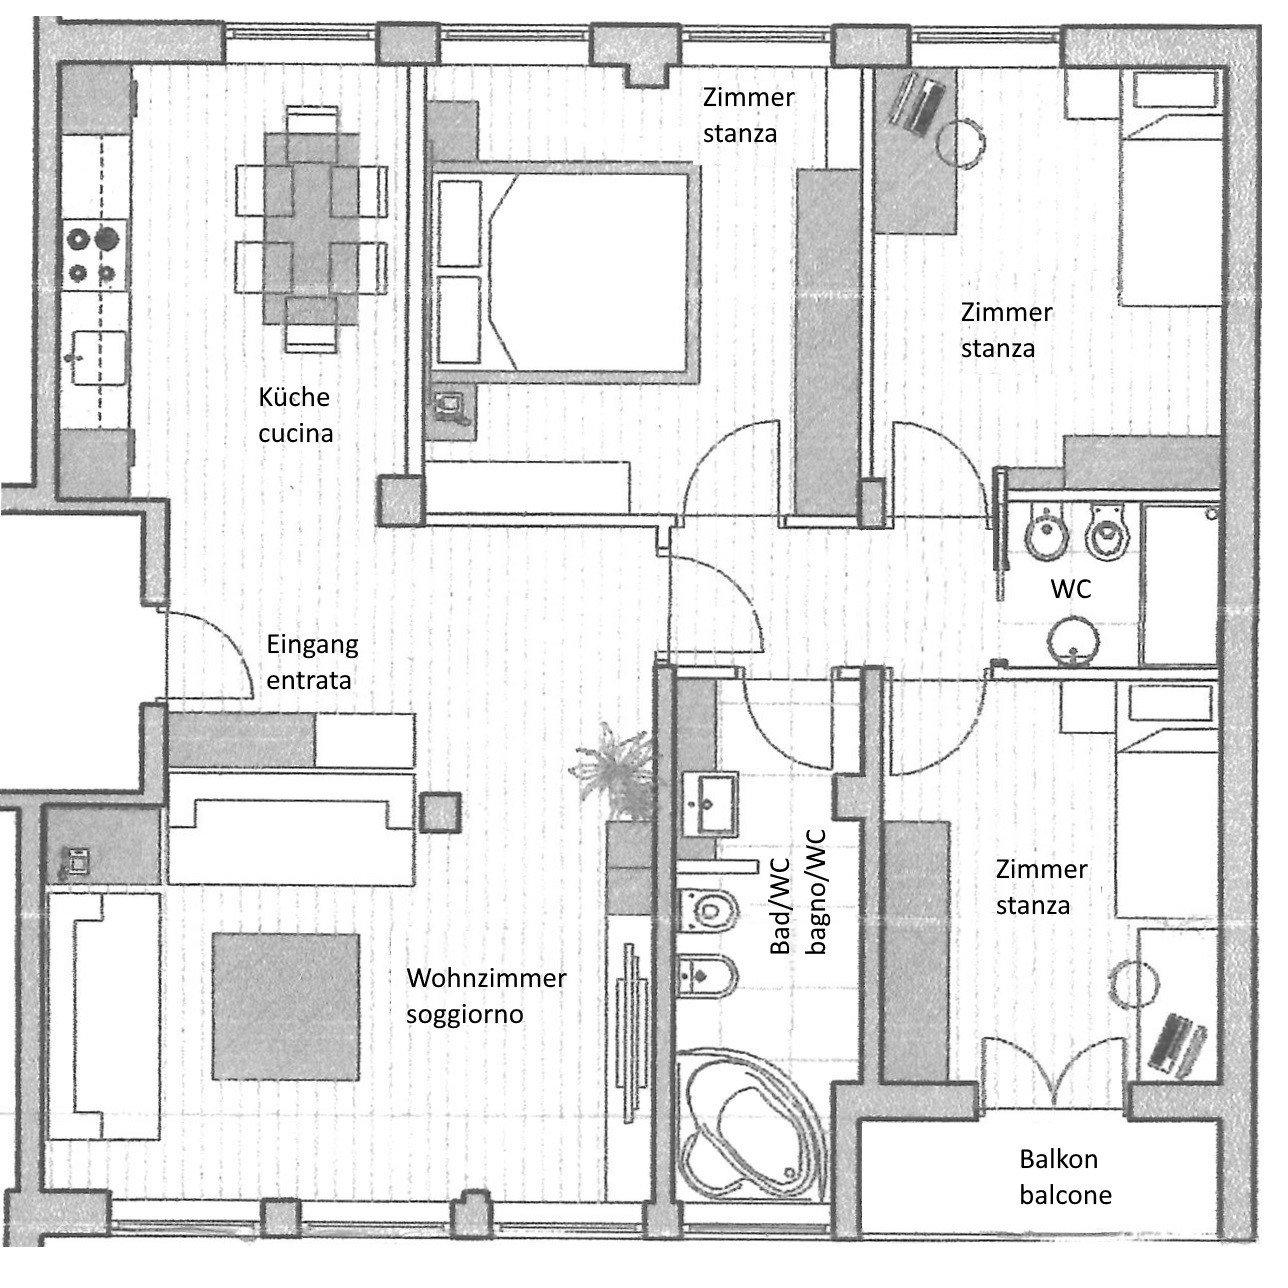 Plan der Wohnung